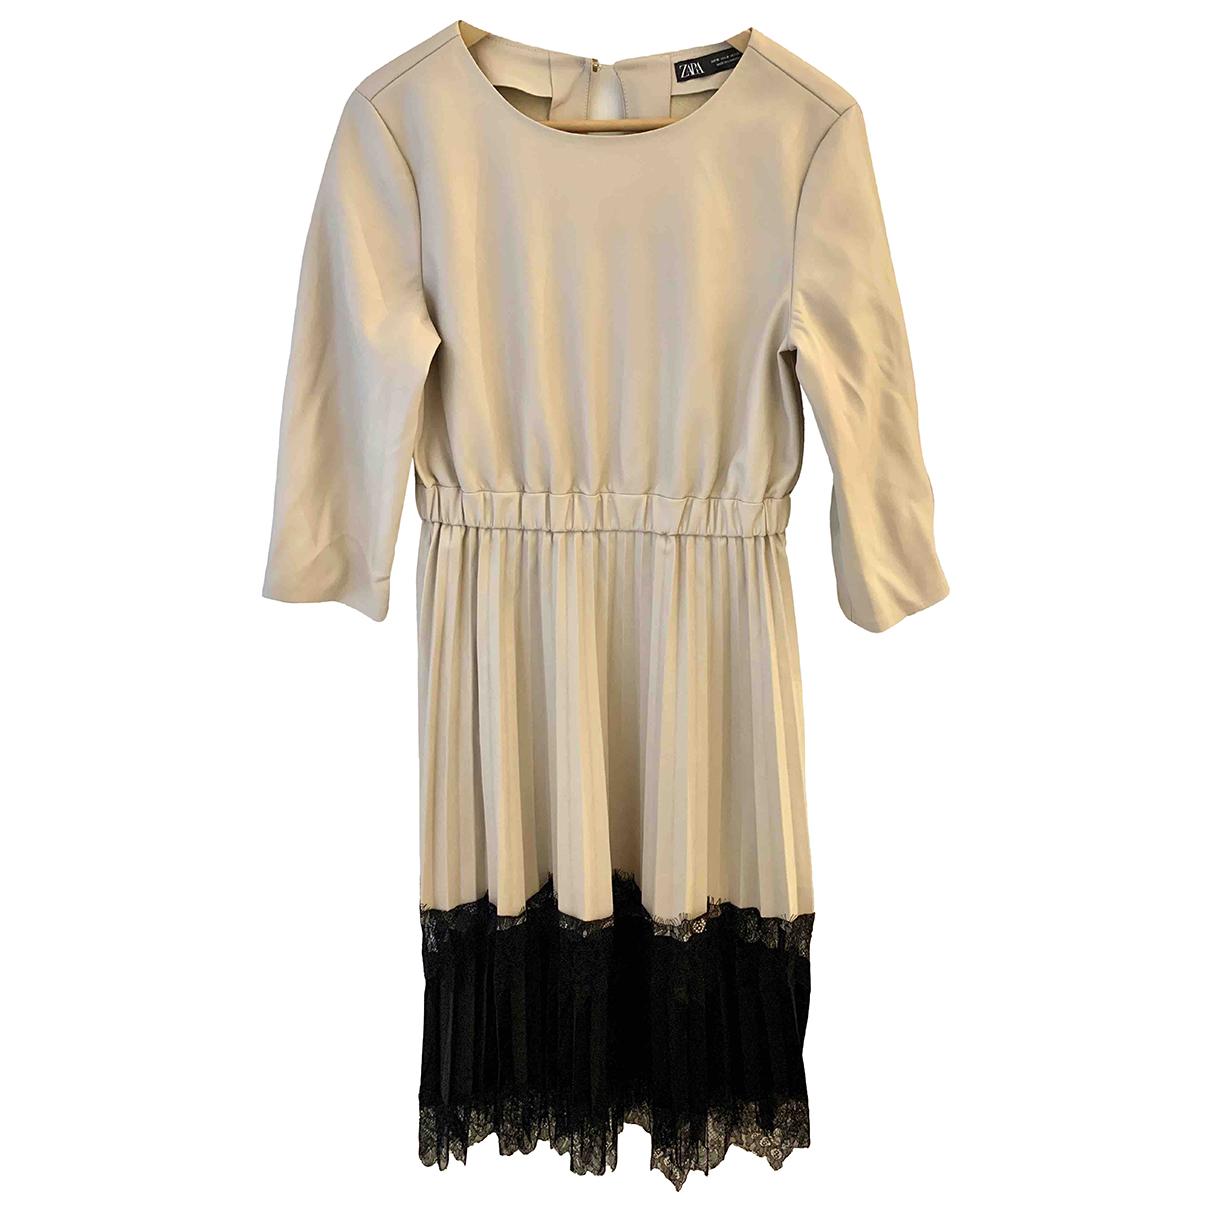 Zara \N Kleid in  Ecru Lackleder